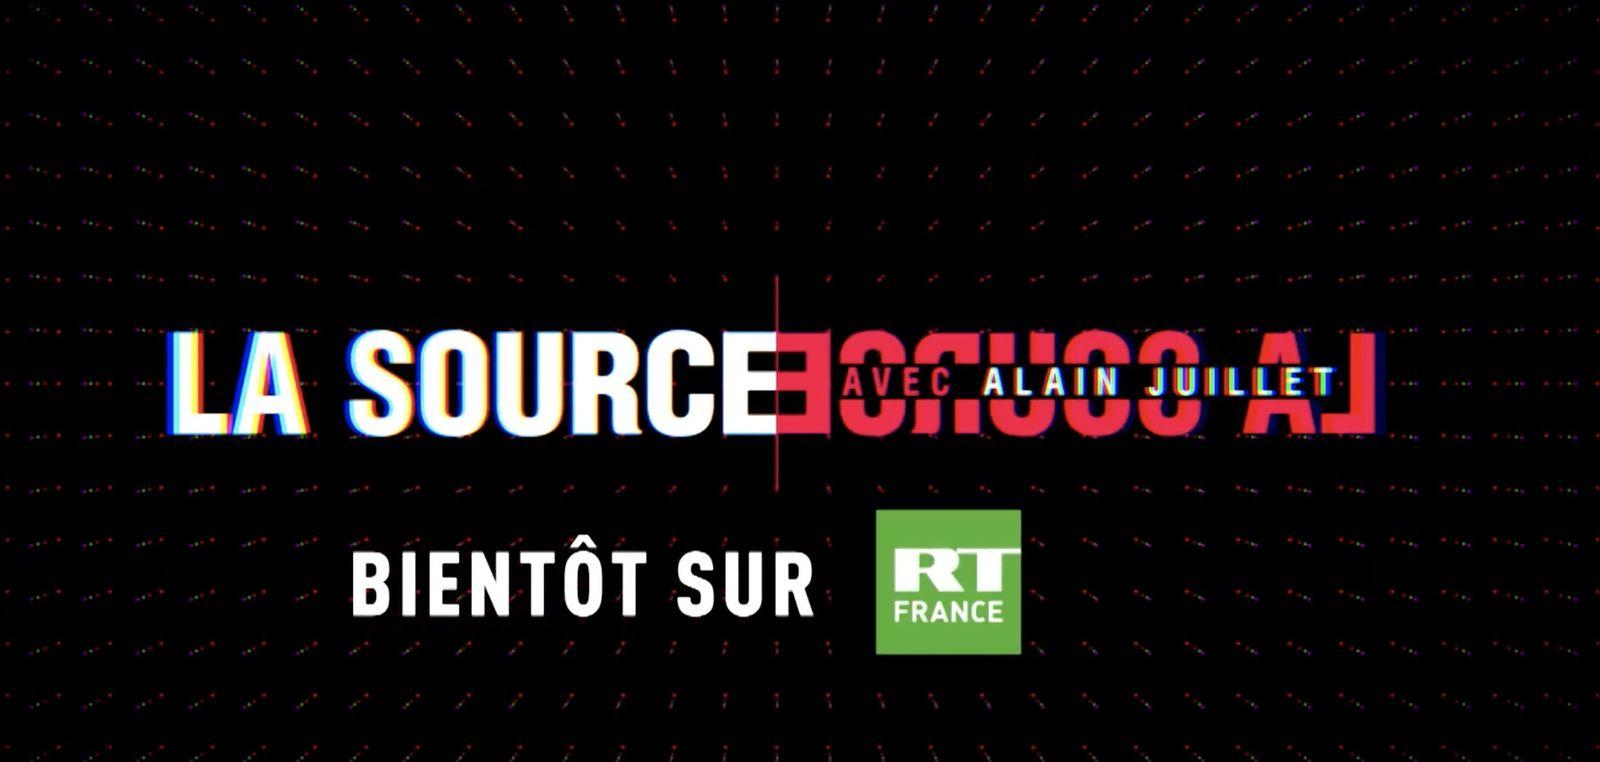 RT France annonce le lancement de La source, nouvelle émission de géopolitique, avec Alain Juillet.